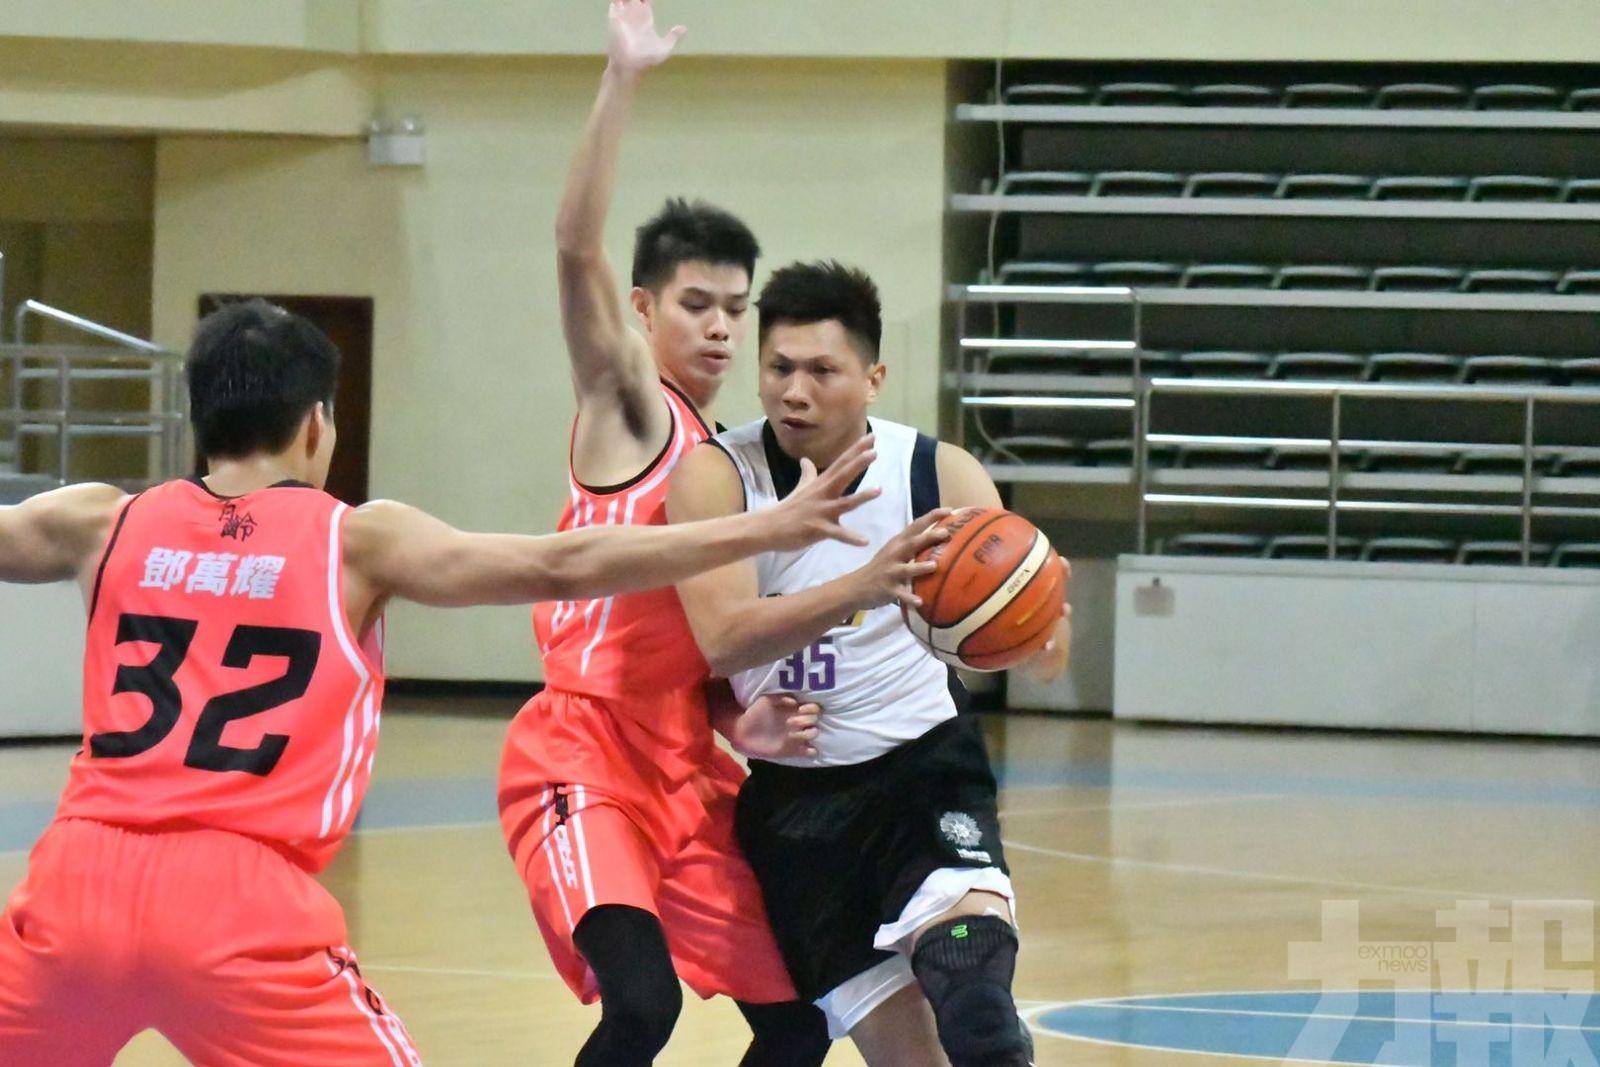 福建高級組籃球賽10連霸